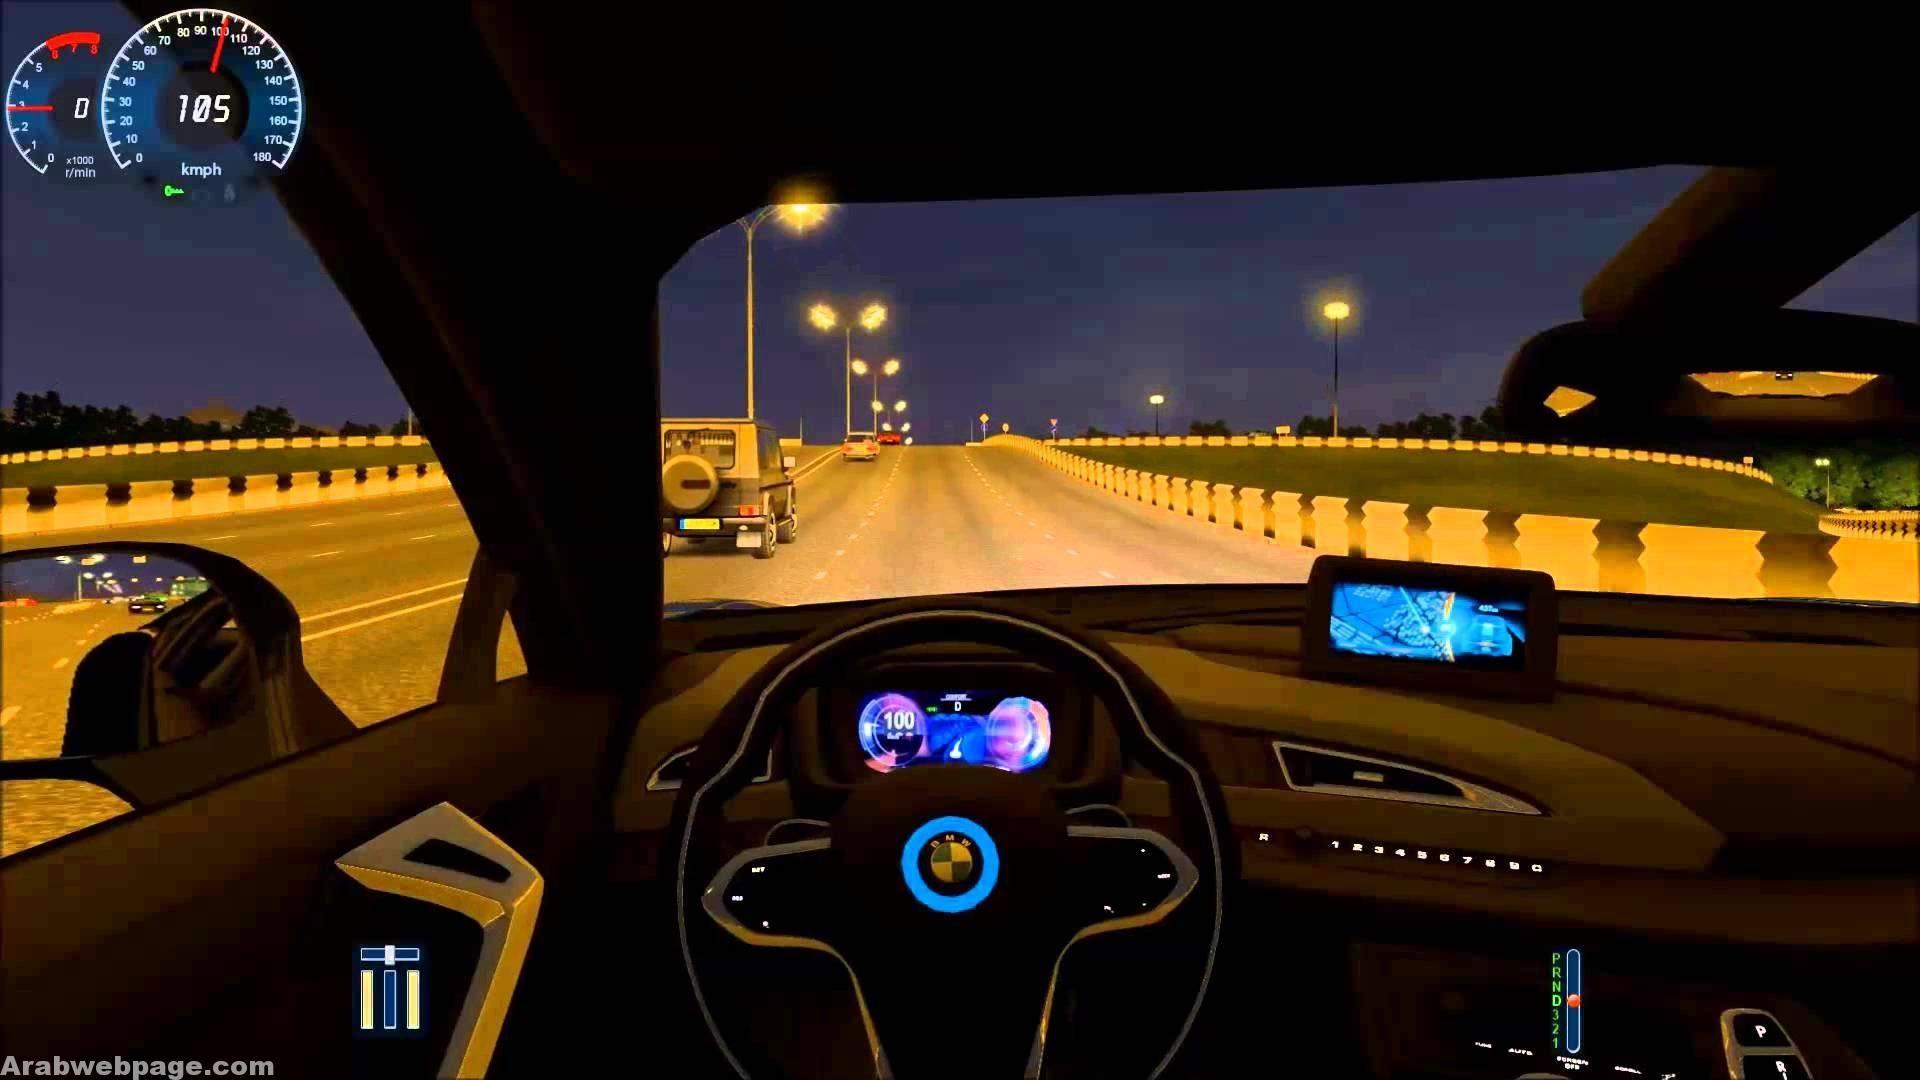 تحميل لعبة قيادة السيارات الحقيقية من الداخل للكمبيوتر Car